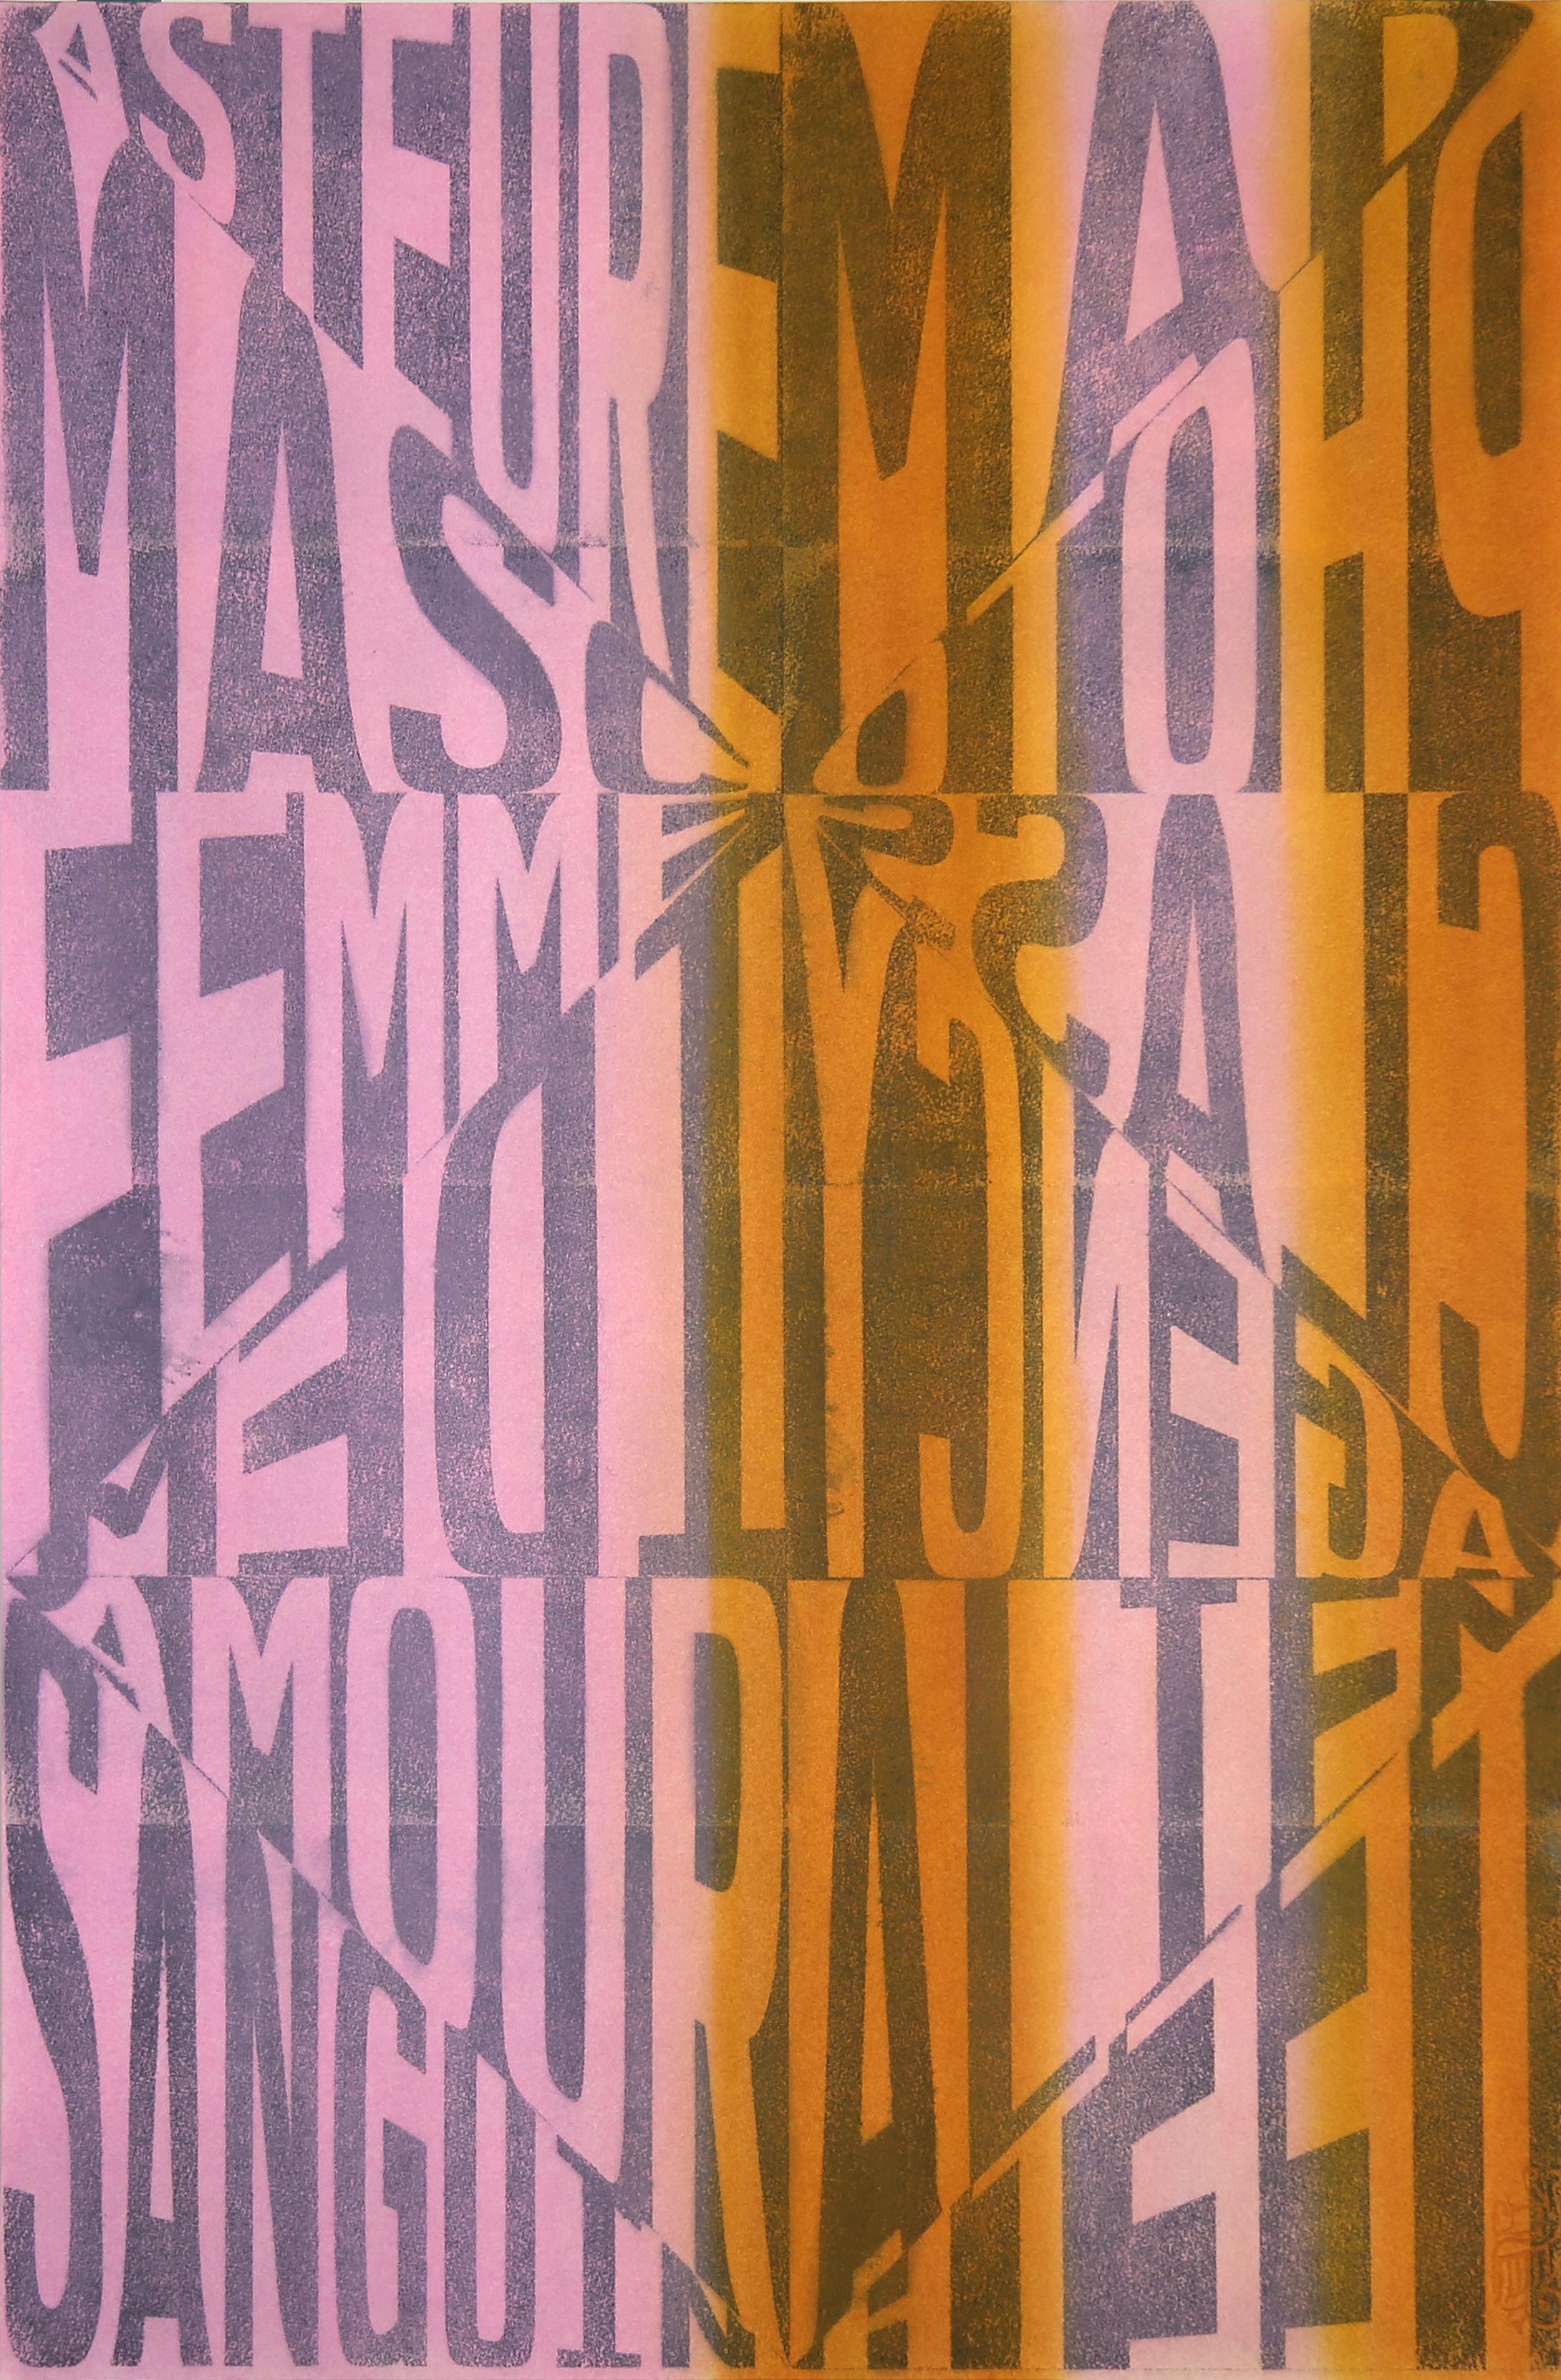 Diary_04 , 2018  Ink and pigment on paper  75 cm x 50 cm  Collection du Musée d'art contemporain des Laurentides, Canada